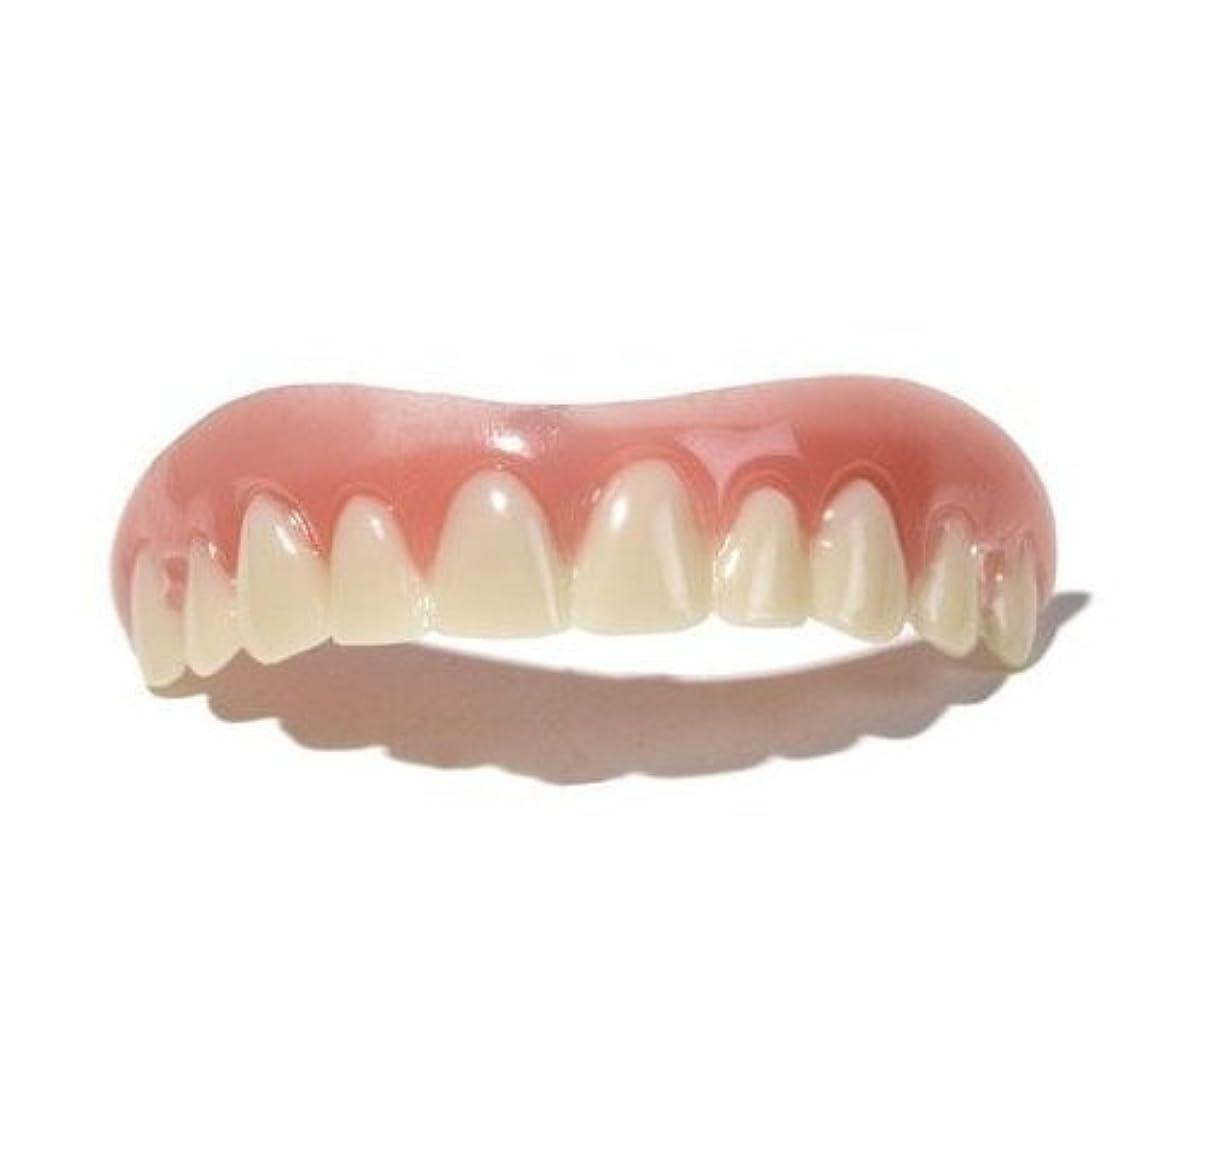 助けになる緯度位置するインスタント 美容 つけ歯 上歯(free size (Medium)) [並行輸入品]